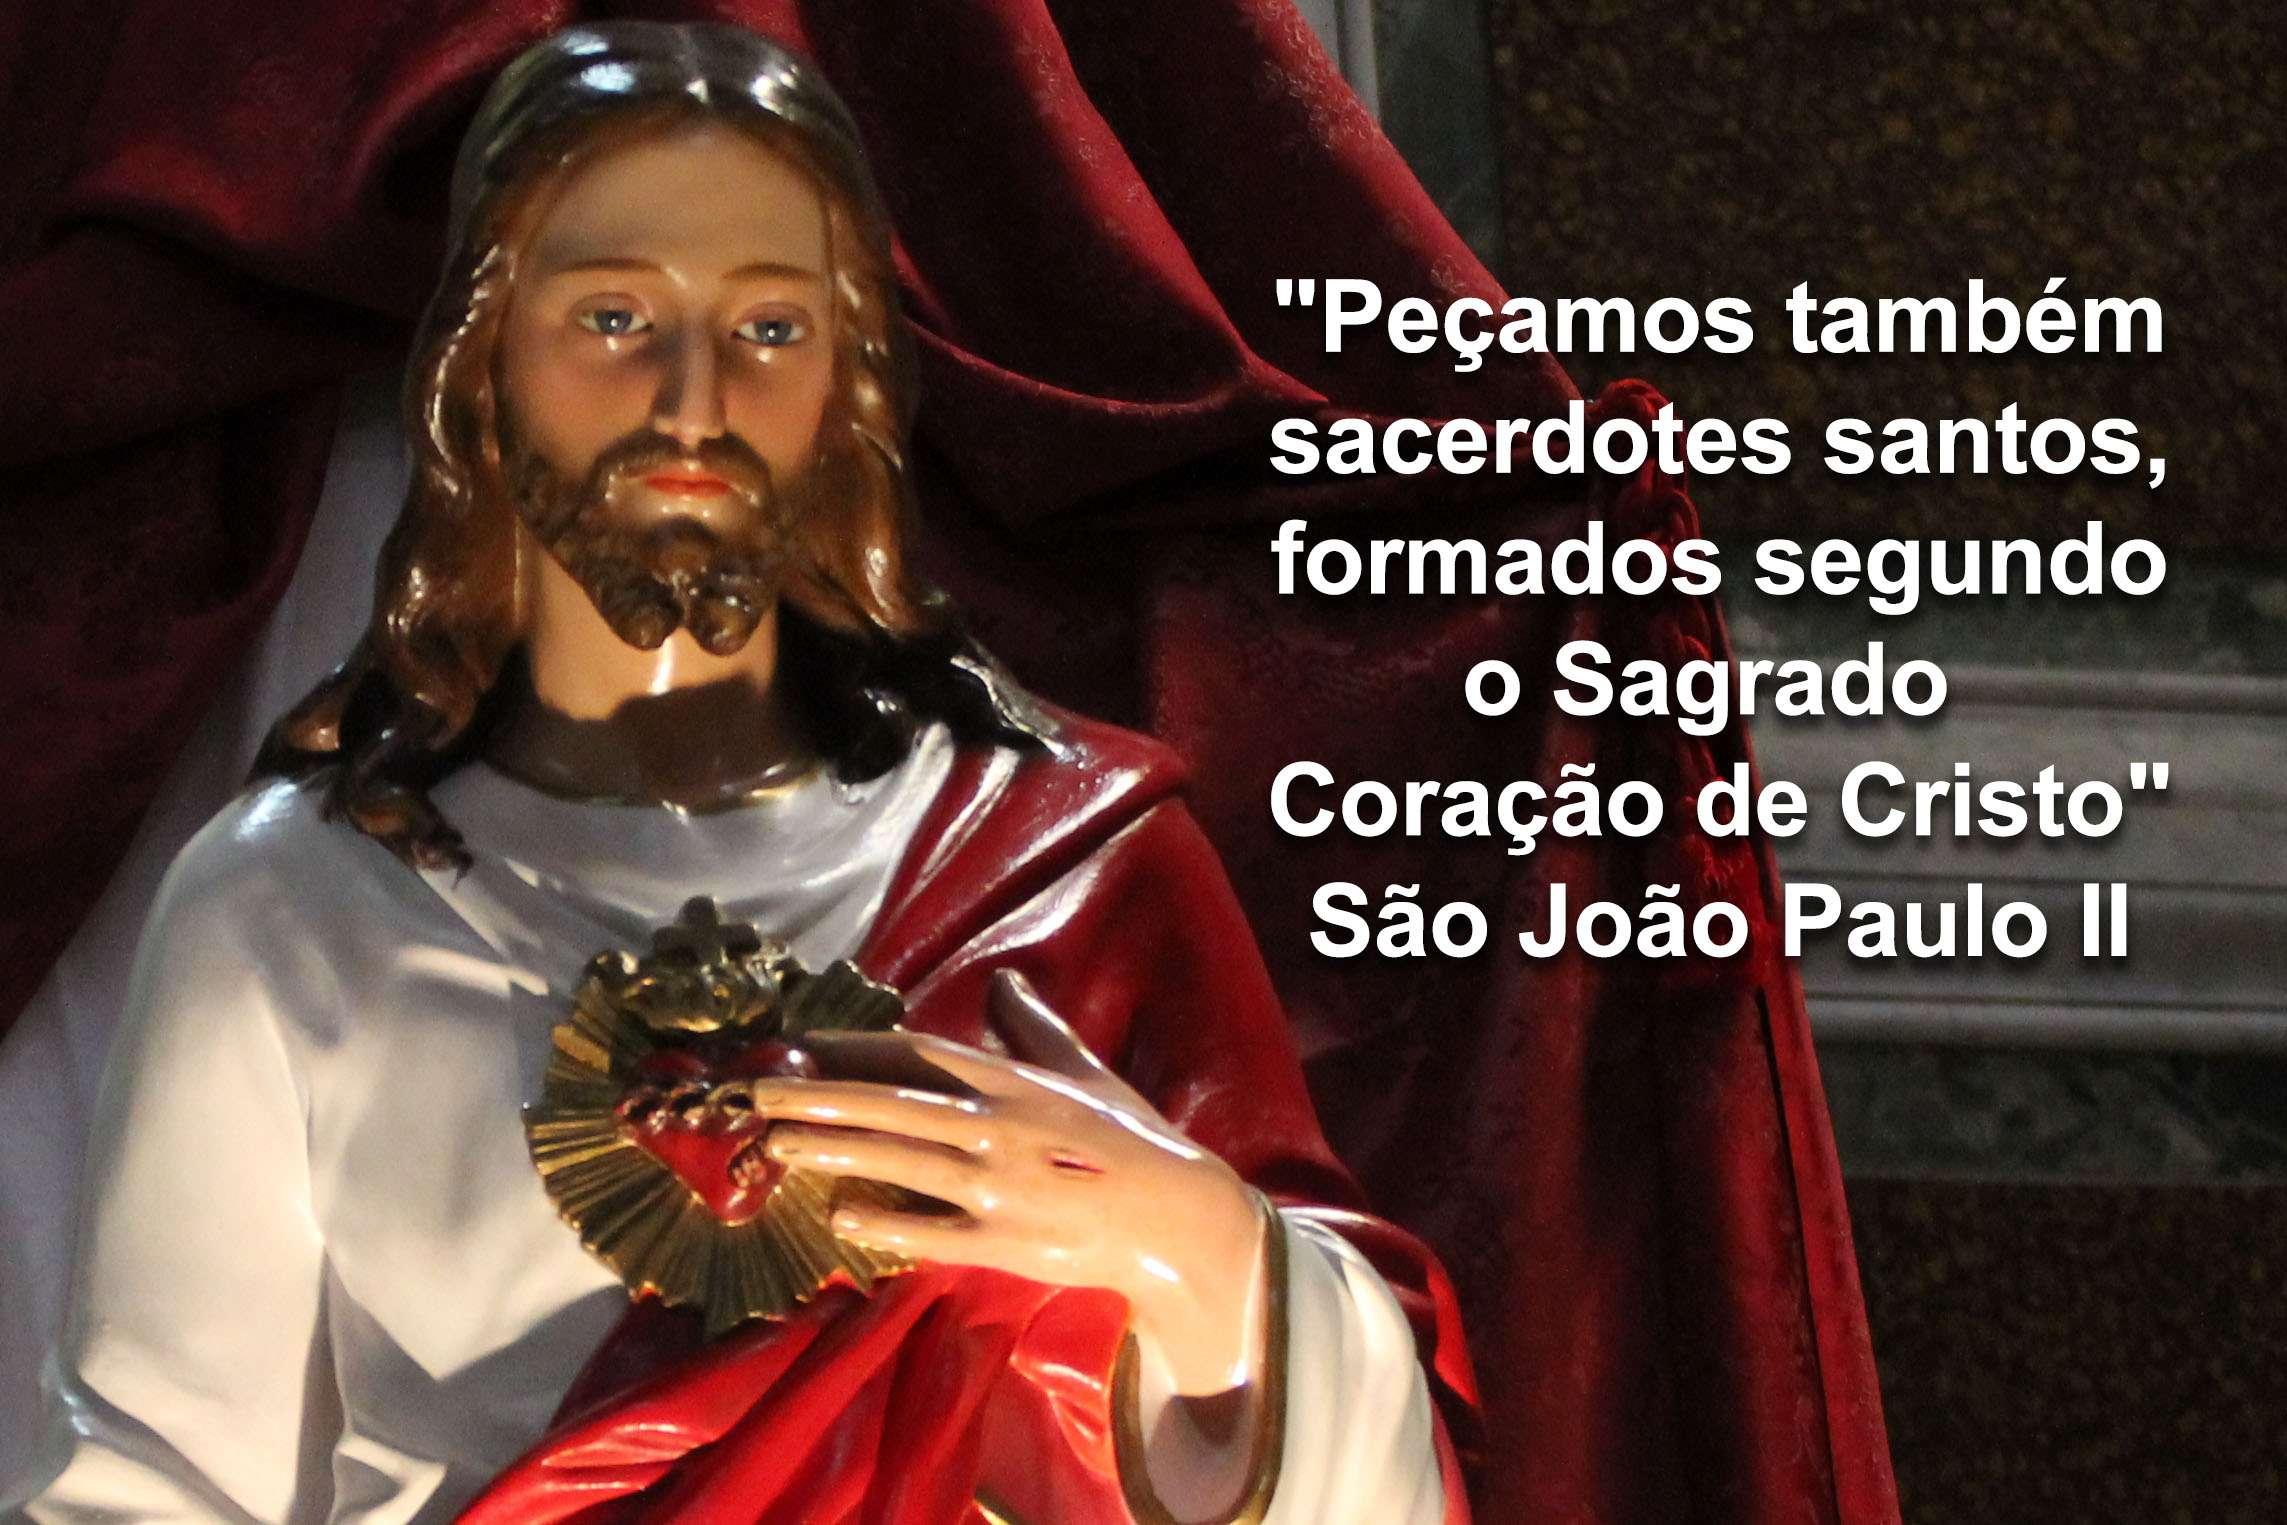 Dia_de_Oracao_Sacerdotes (1)